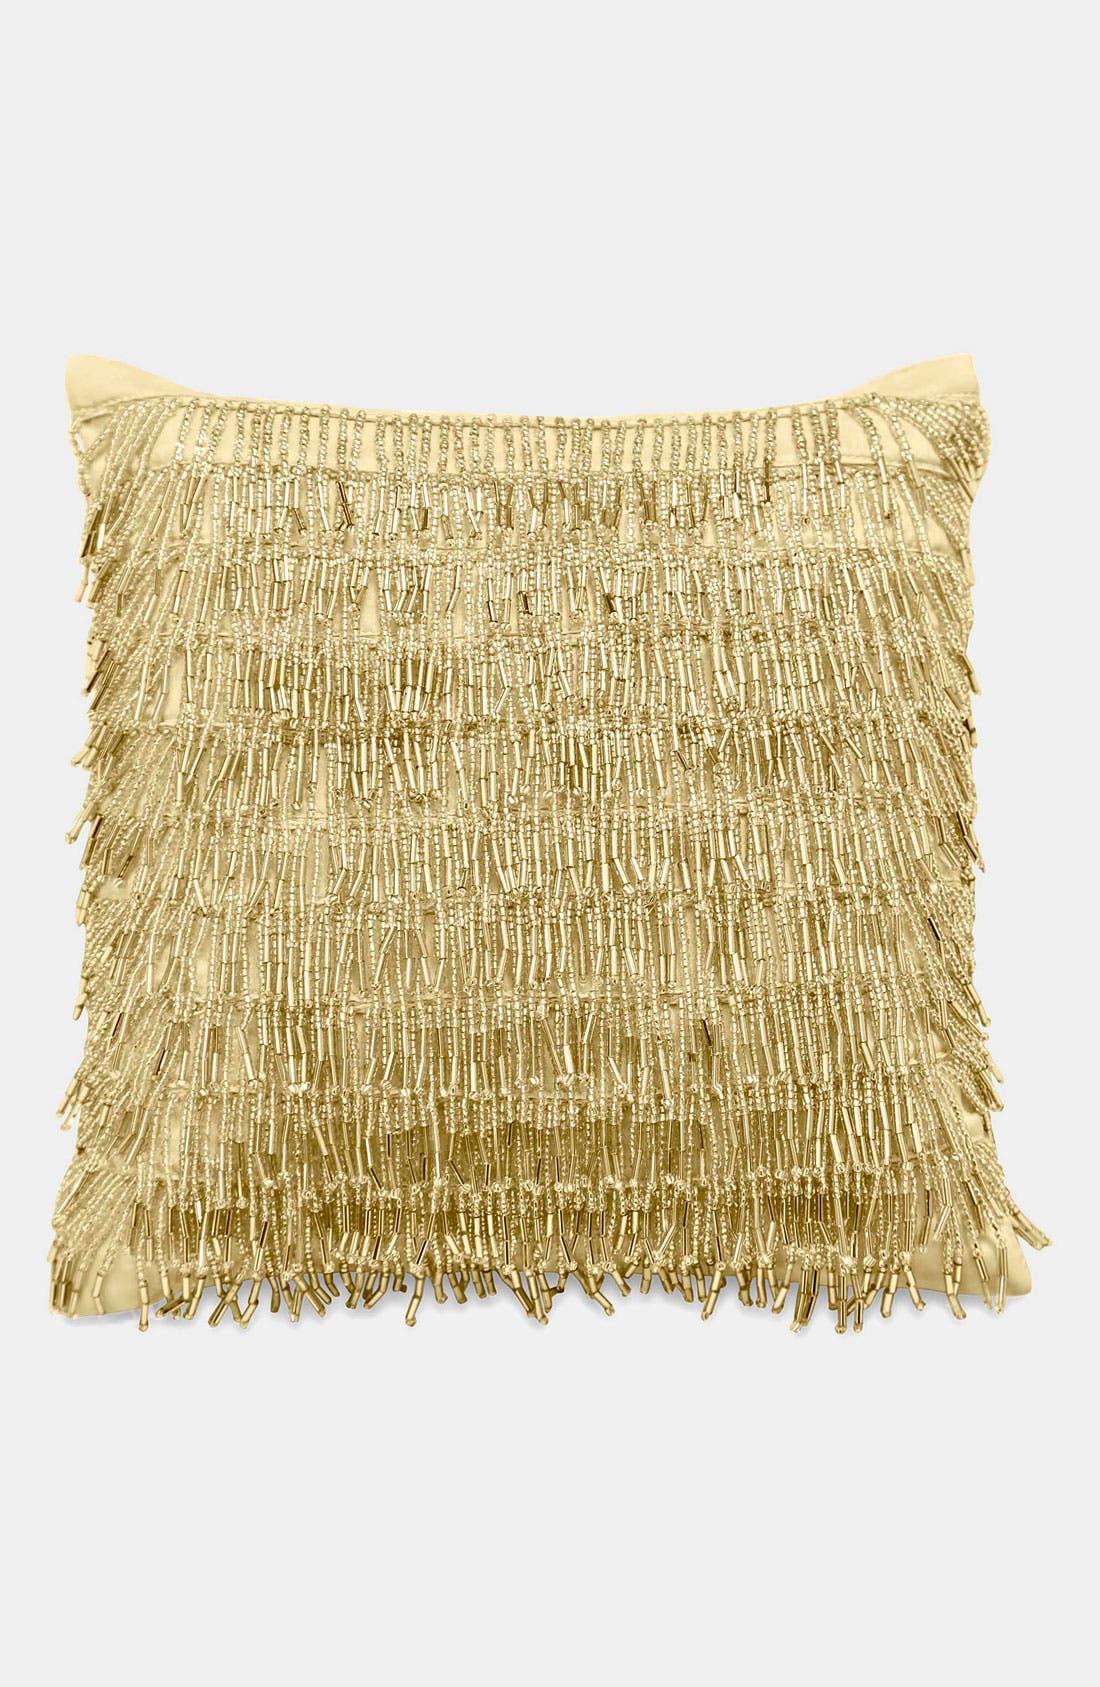 Main Image - Donna Karan 'Dancing Gold' Silk Pillow (Online Only)